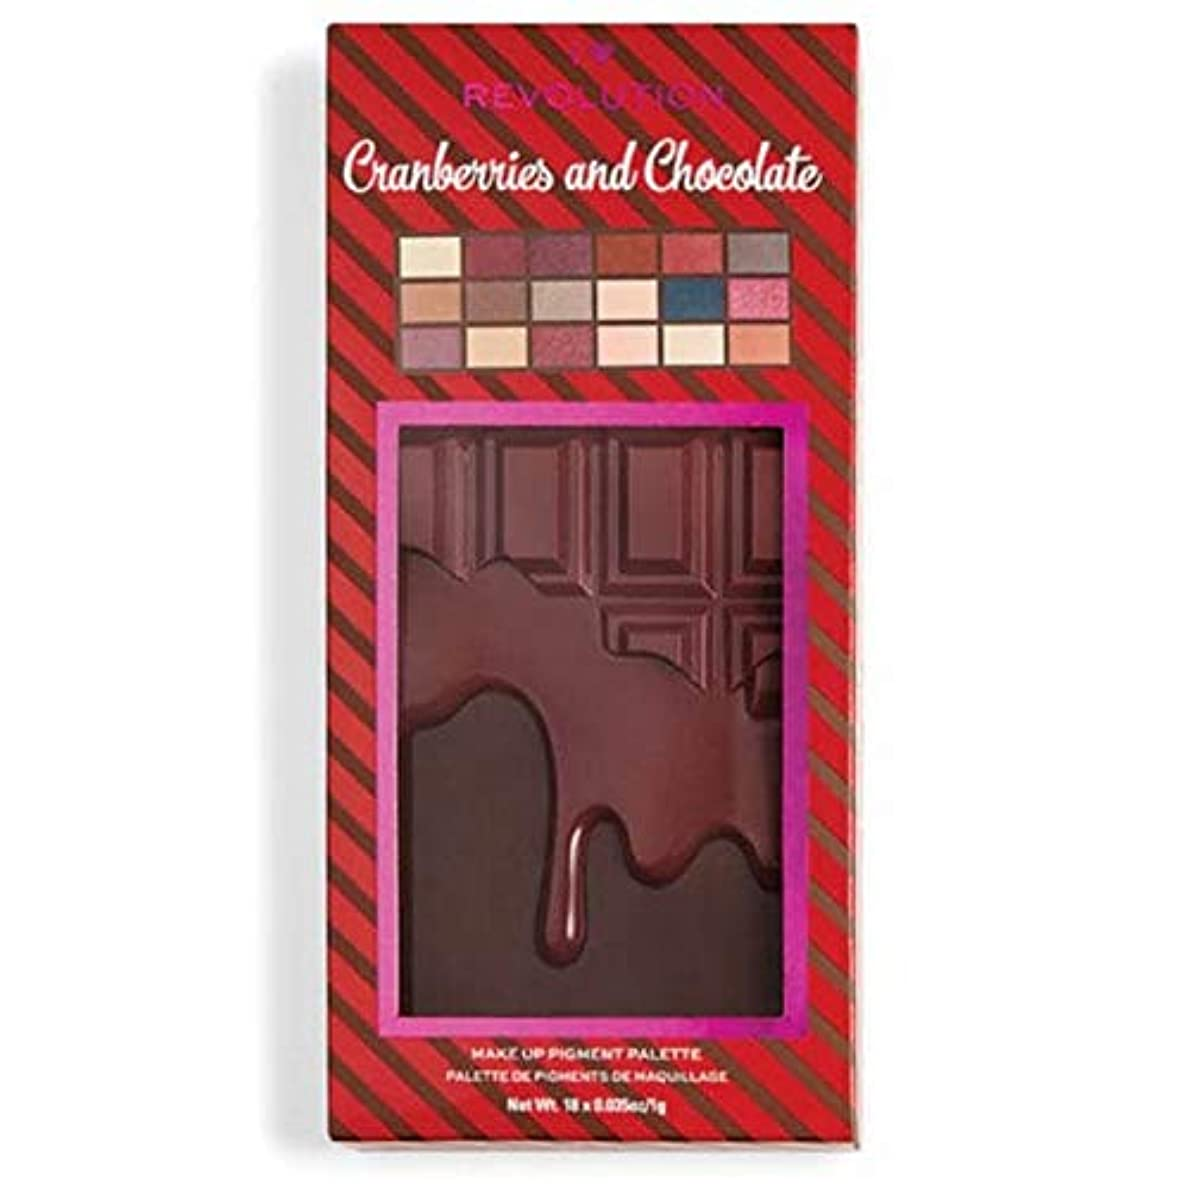 真向こう記念日相続人[I Heart Revolution ] 私の心の革命クランベリー&チョコレートパレット - I Heart Revolution Cranberries & Chocolate Palette [並行輸入品]